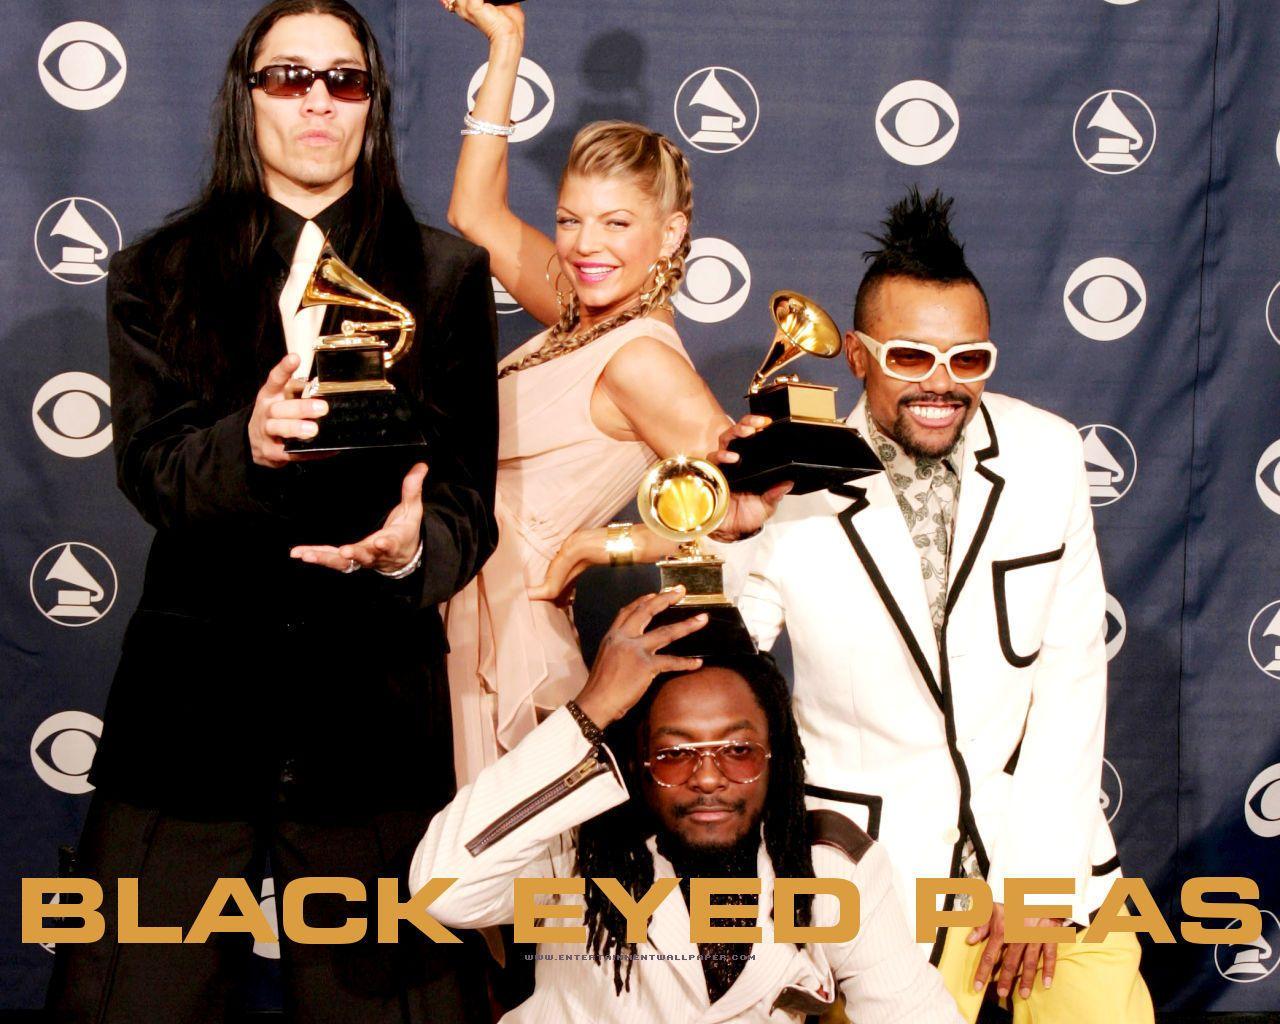 Black Eyed Peas Wallpaper Bep Black Eyed Peas Black Eyed Peas Fergie Fergie